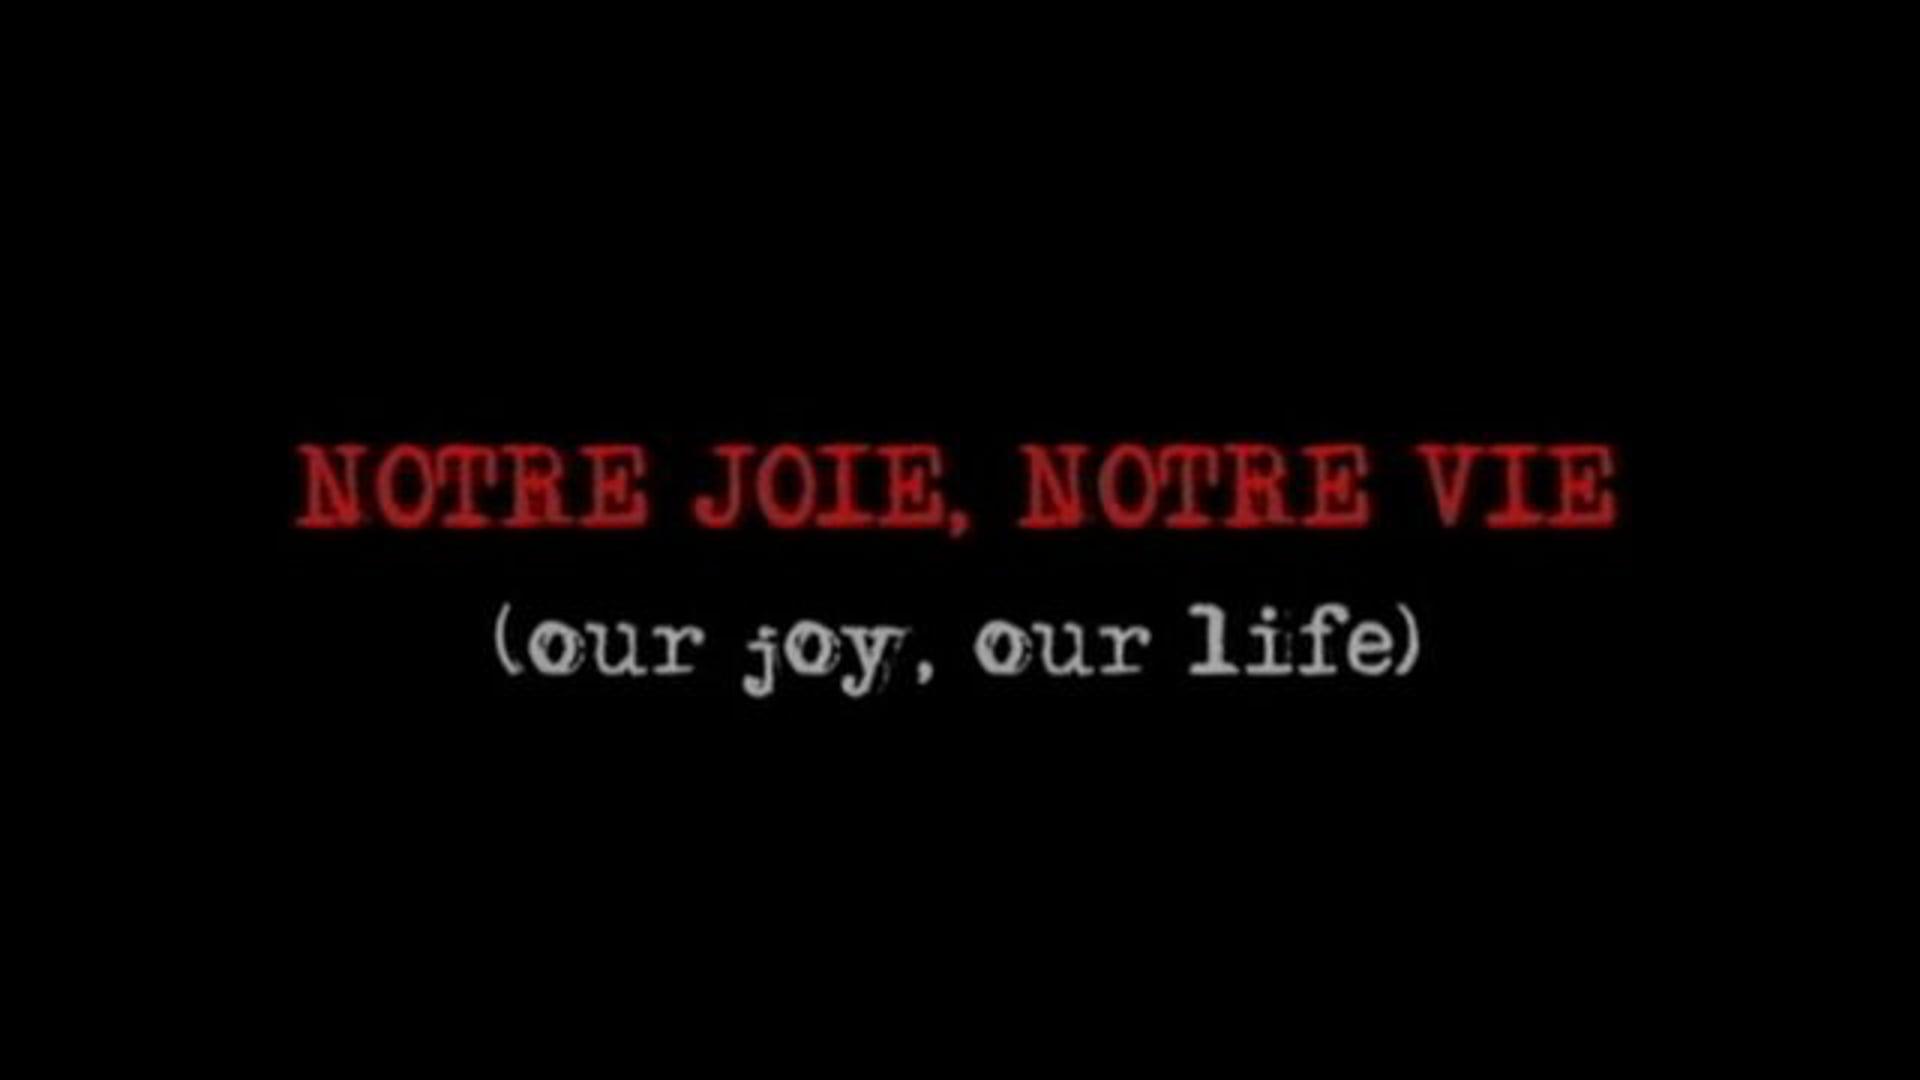 Notre Joie, Notre Vie (Our Joy, Our Life)